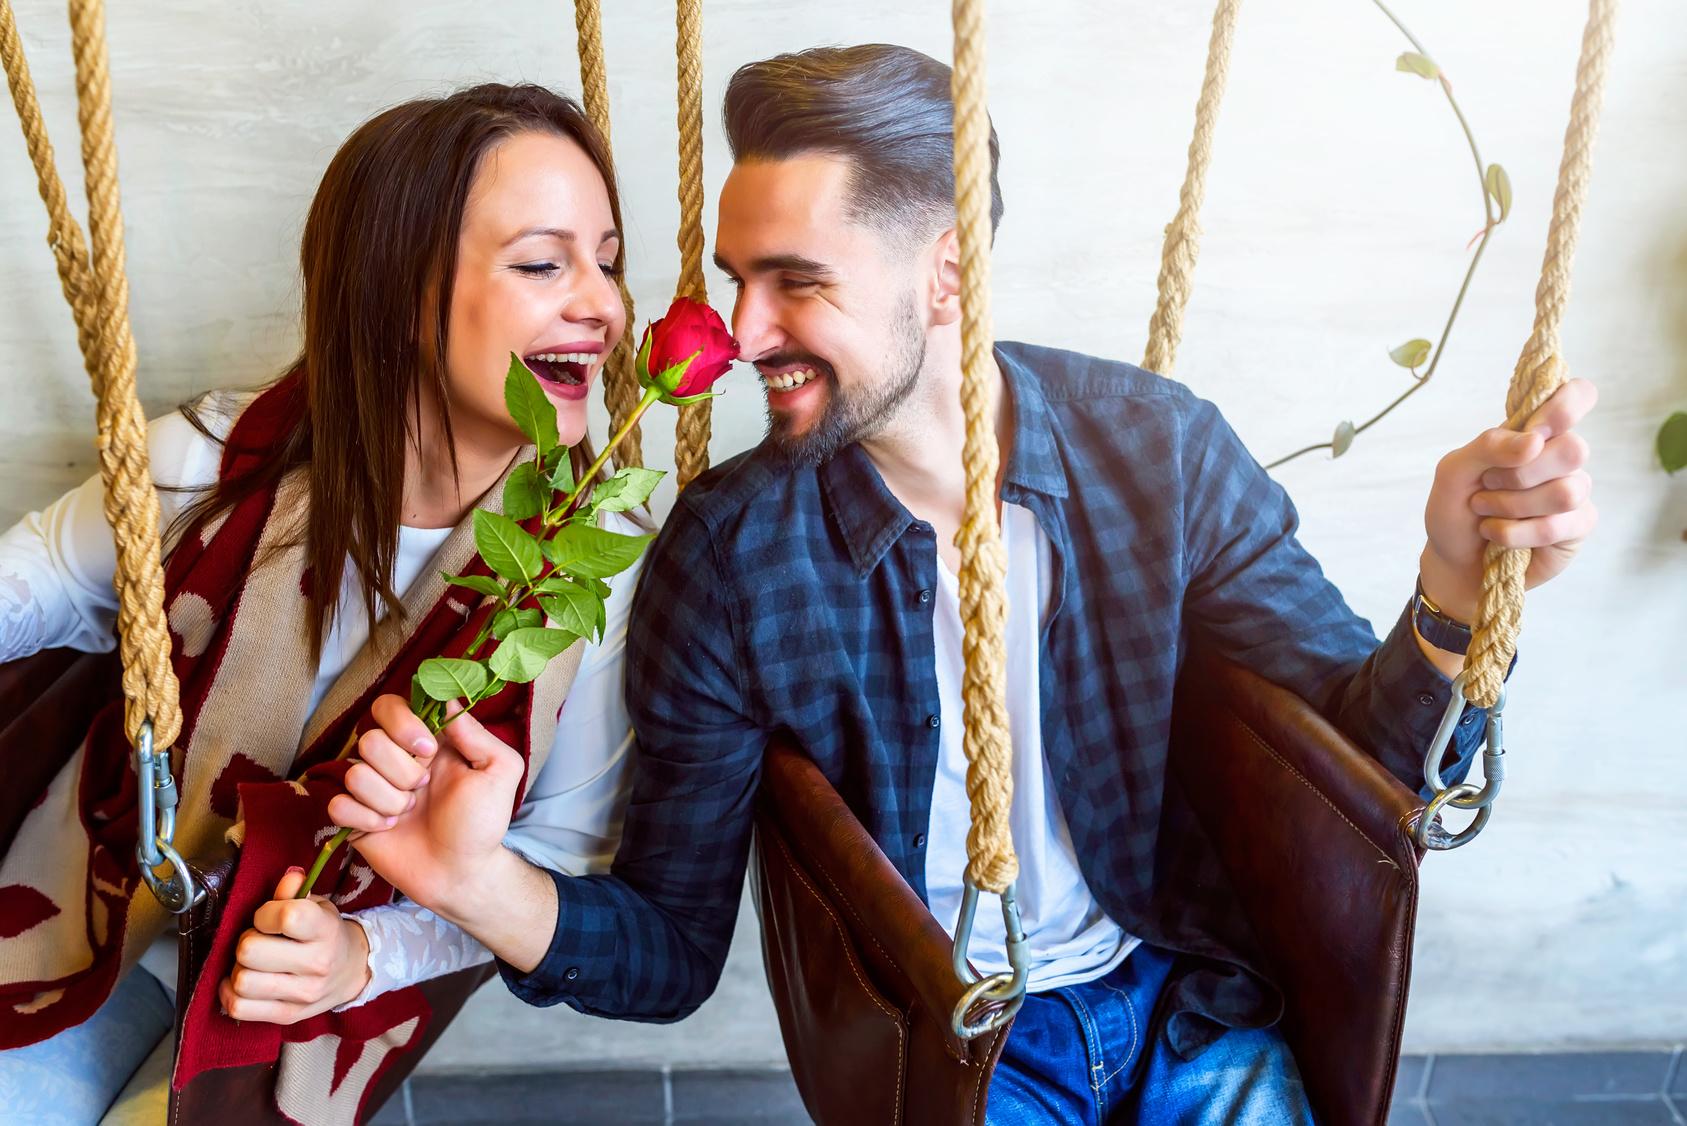 pozytywne fakty na temat randek internetowych